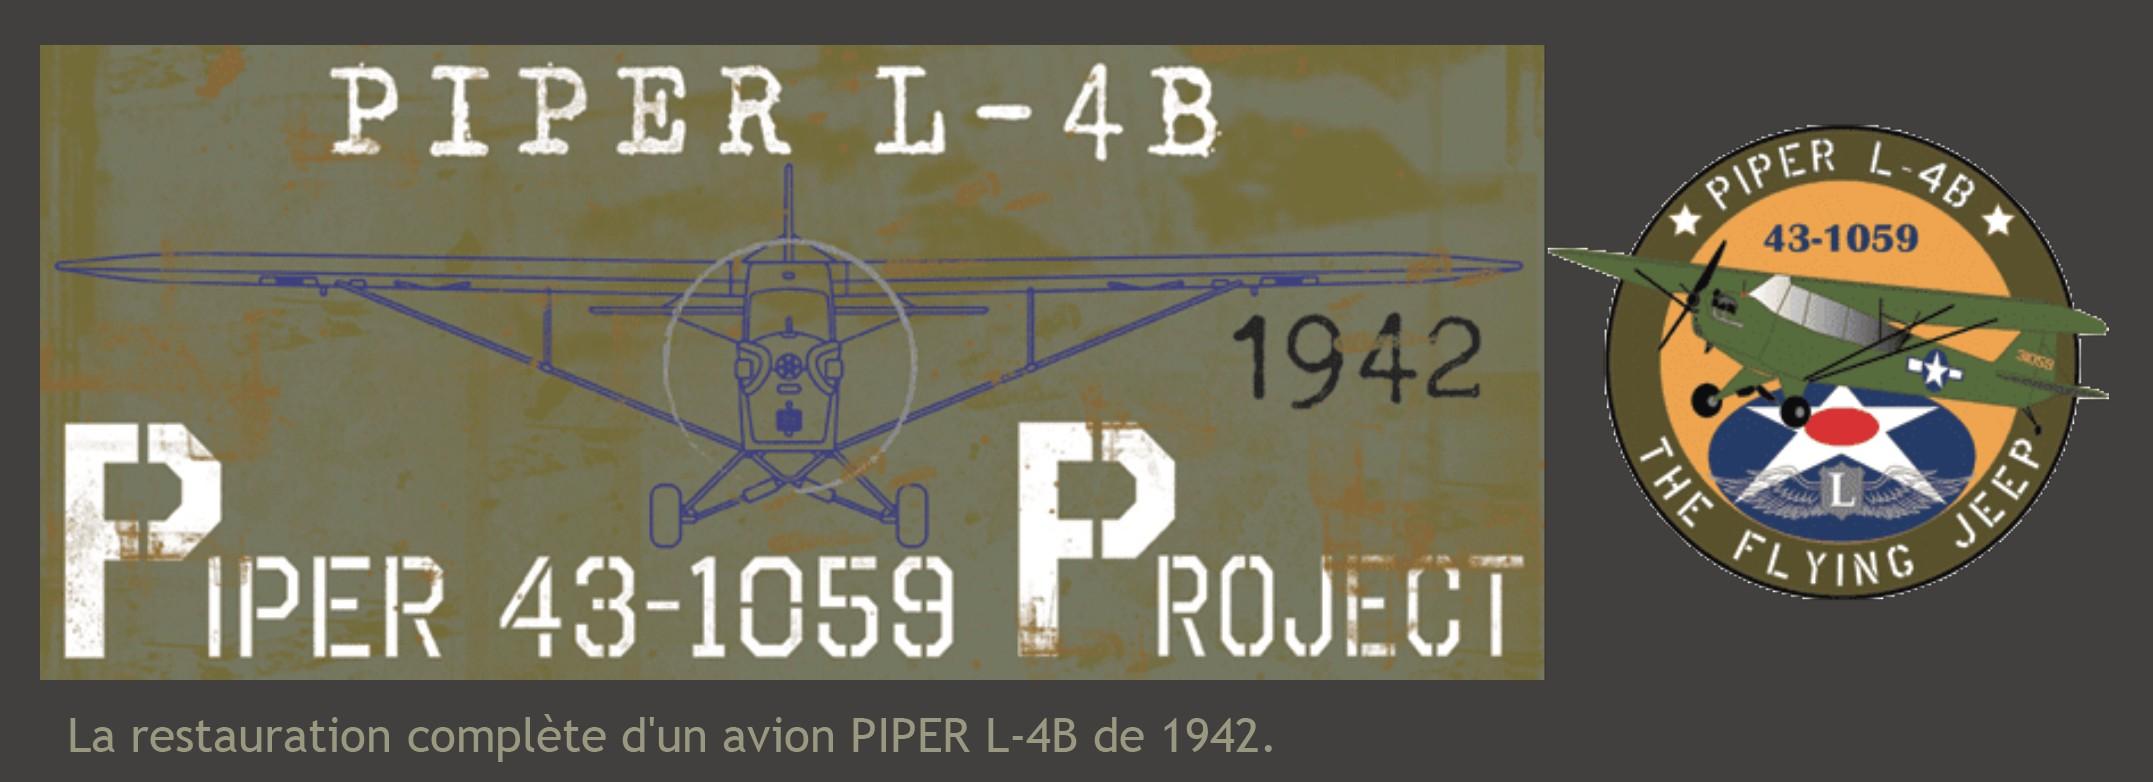 Piper 43-1059